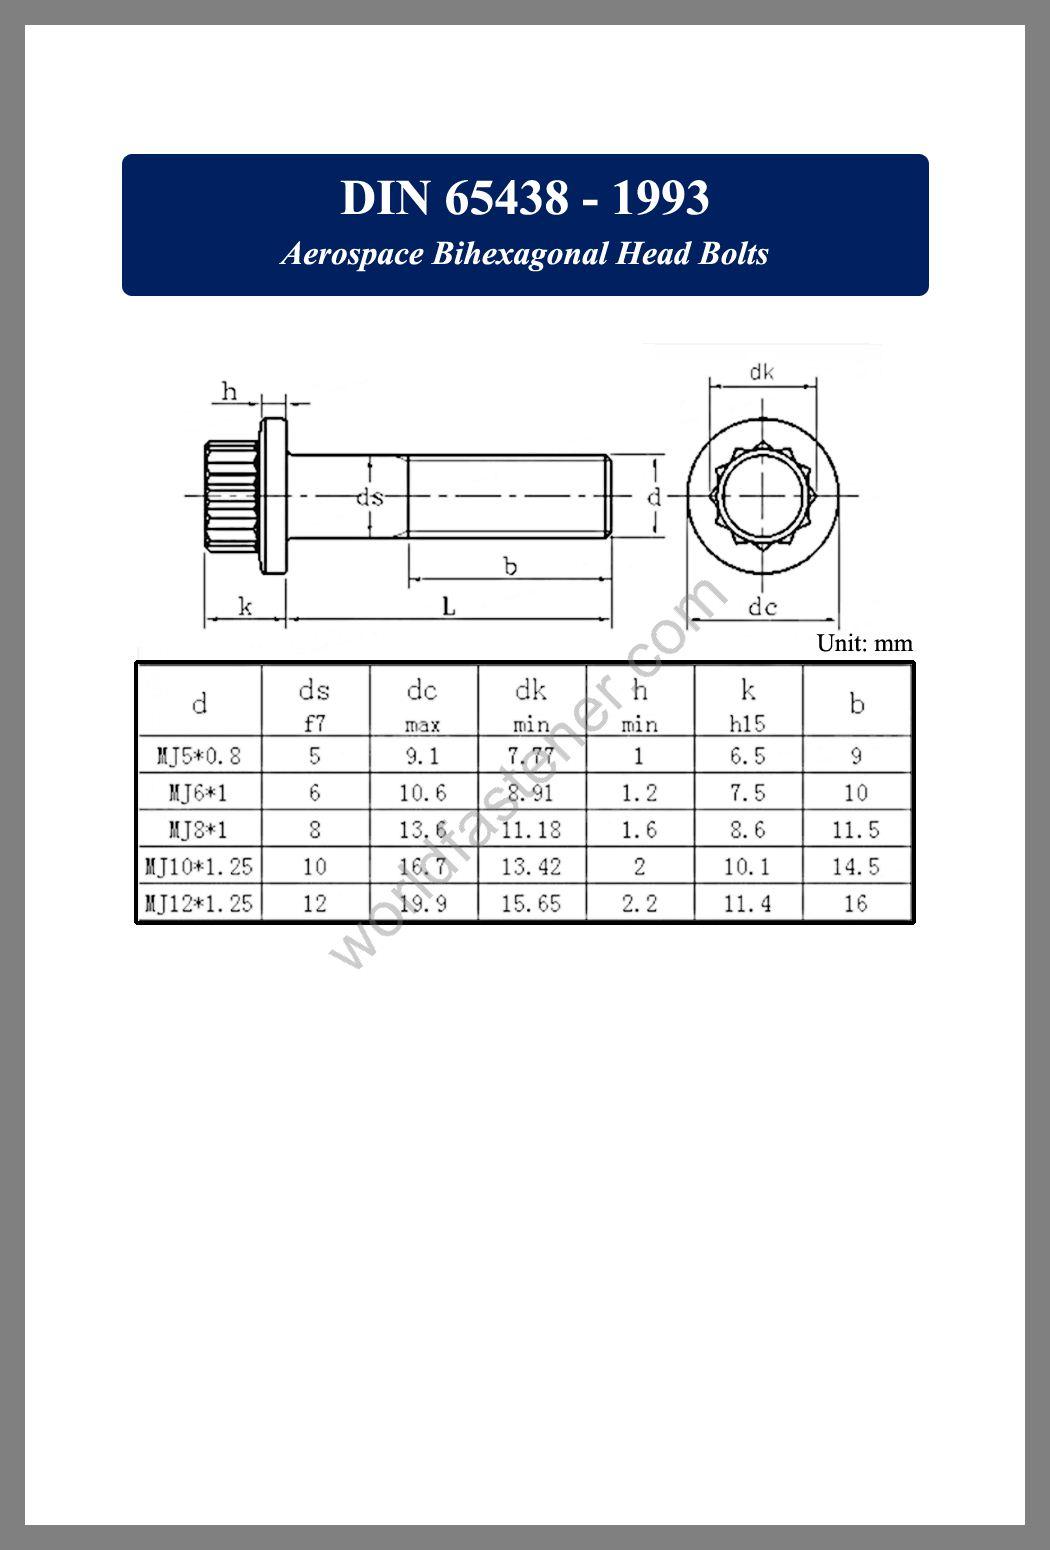 12 spline flange screws, DIN 65438, fastener, screw, bolt, din bolts, din screws